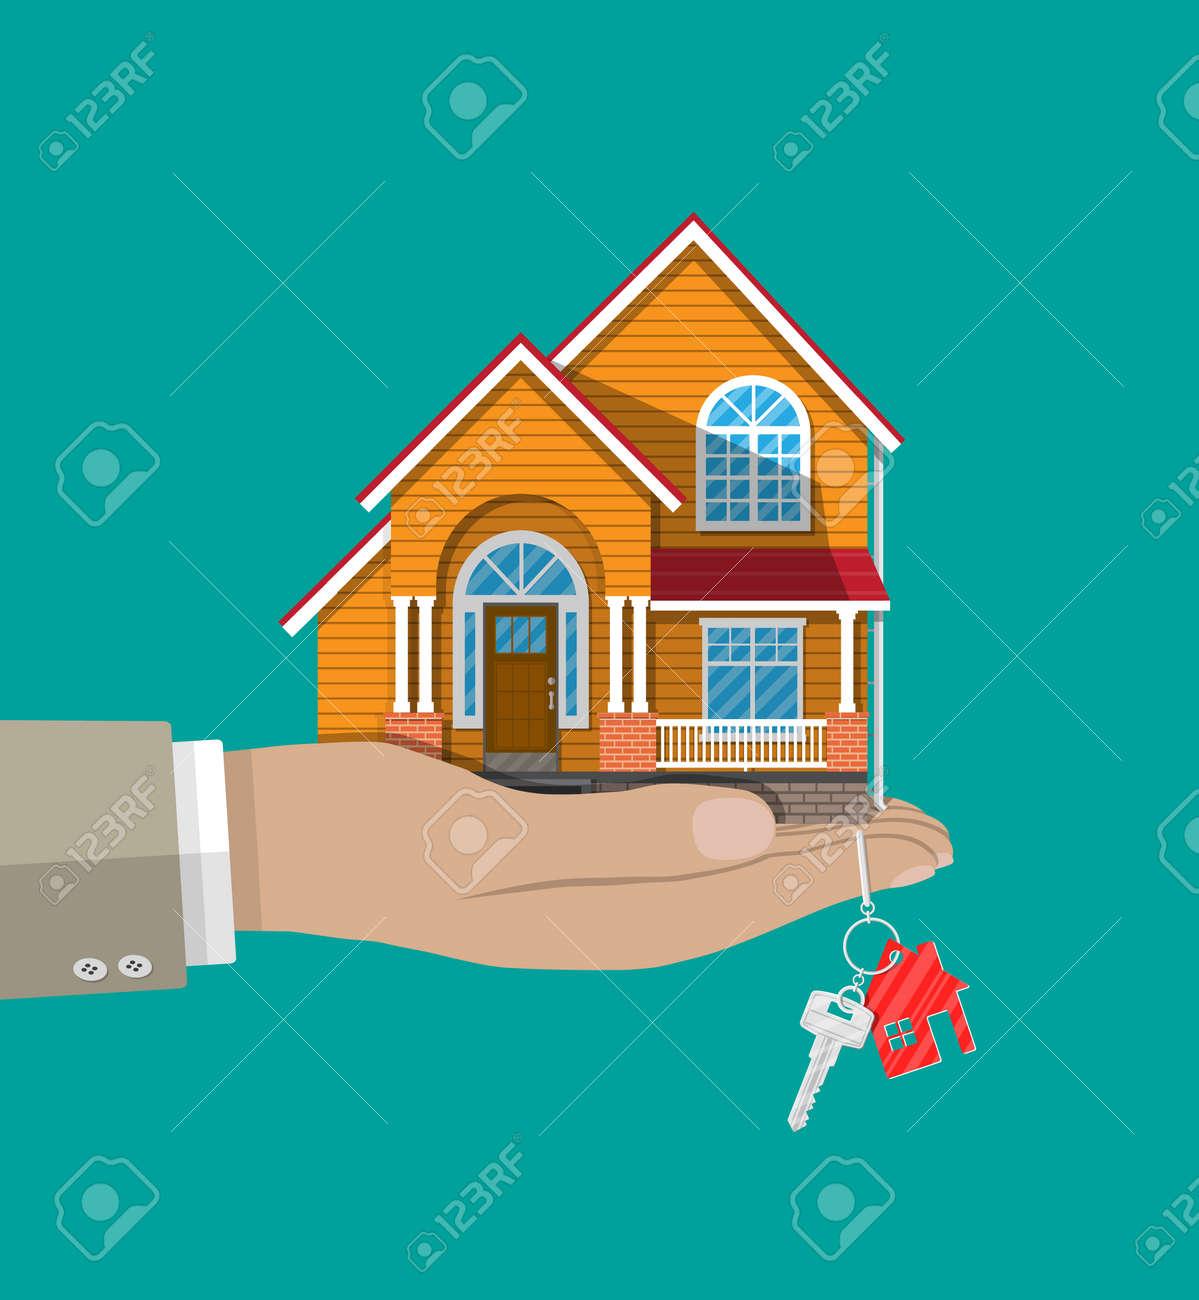 main avec petite maison et cles acheter ou vendre une maison immobilier illustration vectorielle dans un style plat